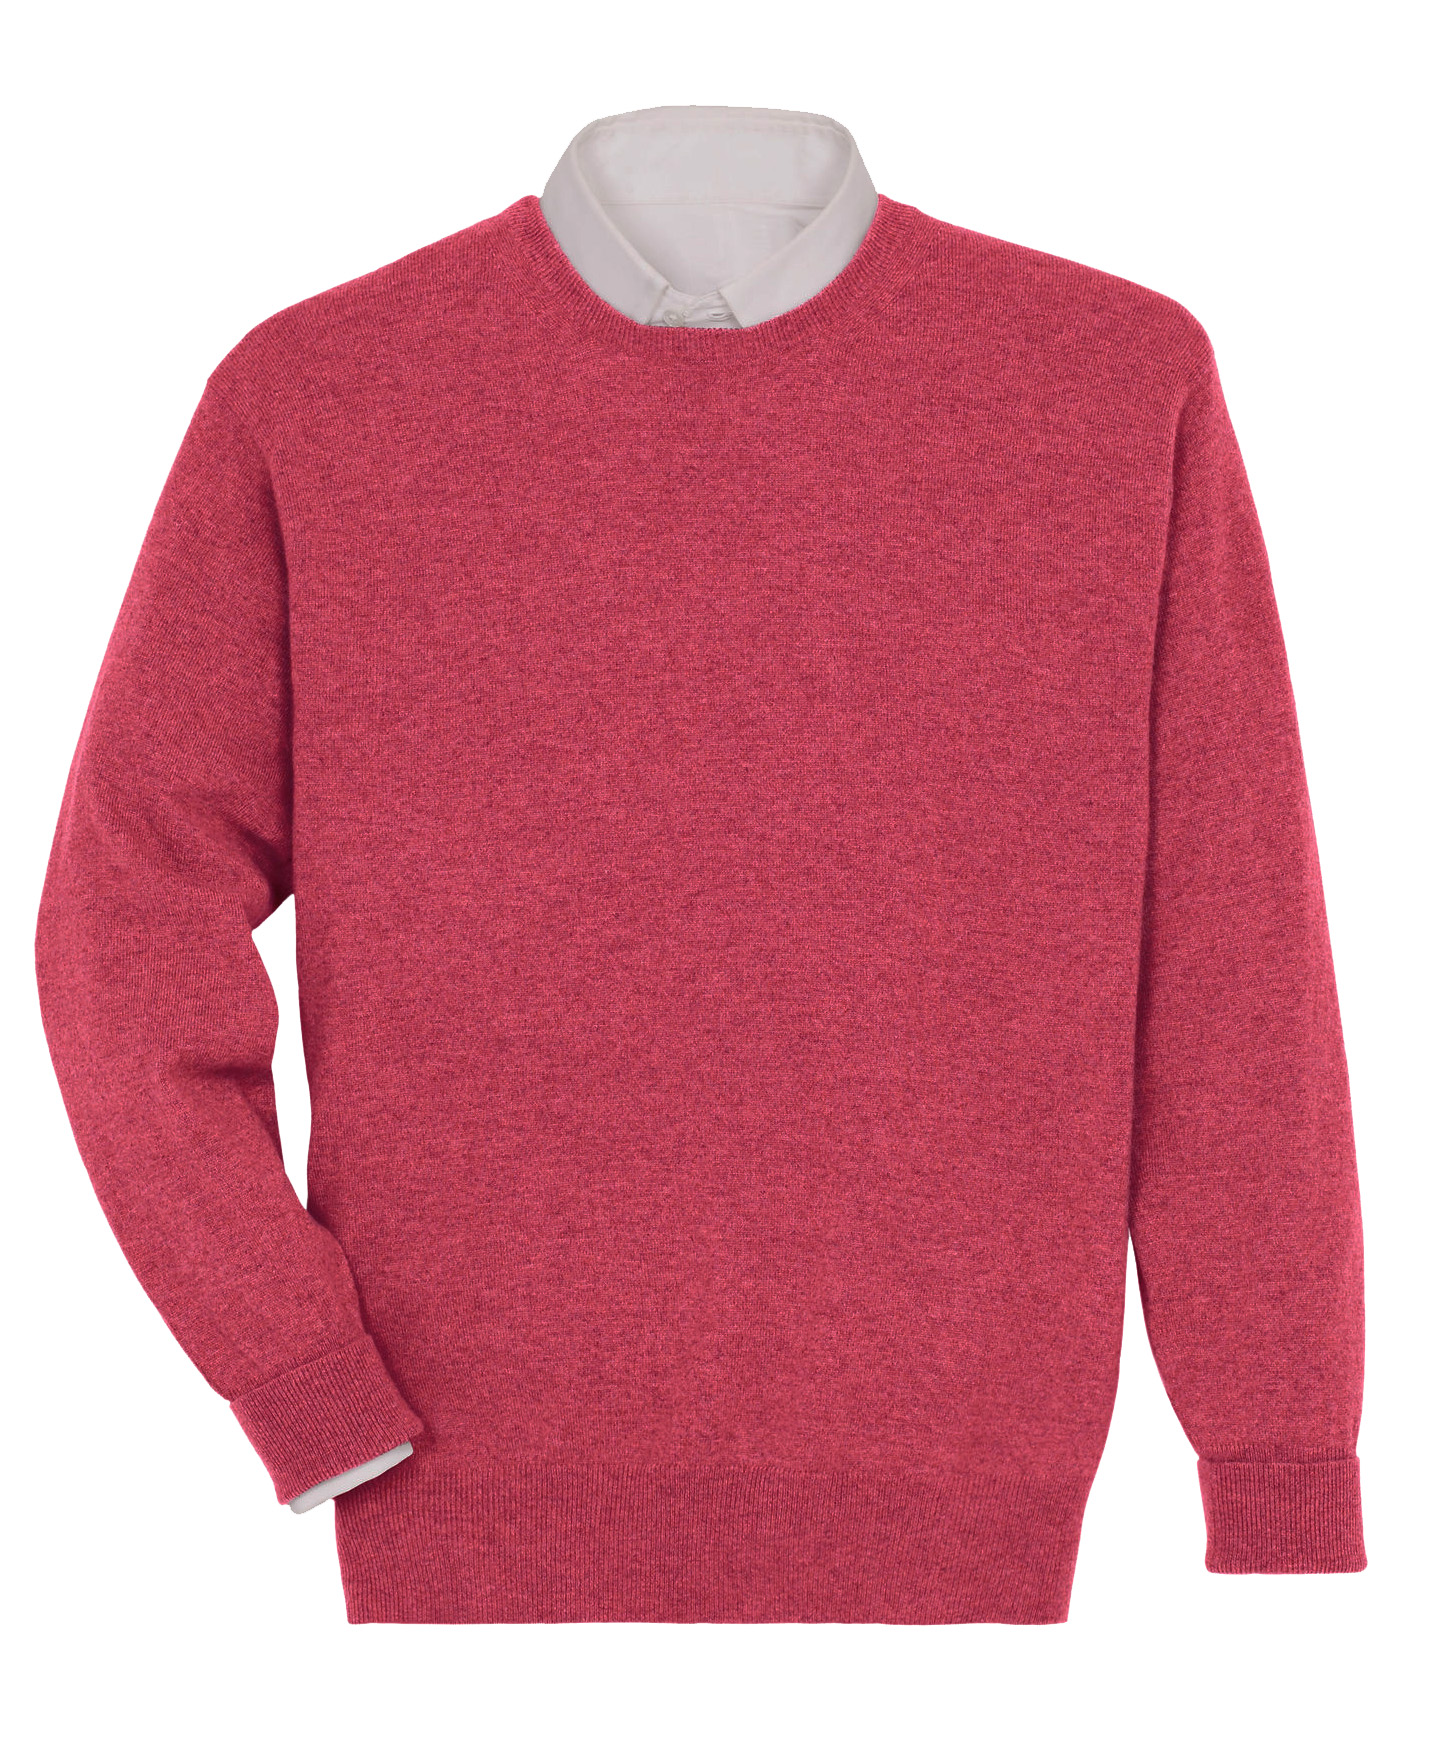 7525c916346 Pánský svetr